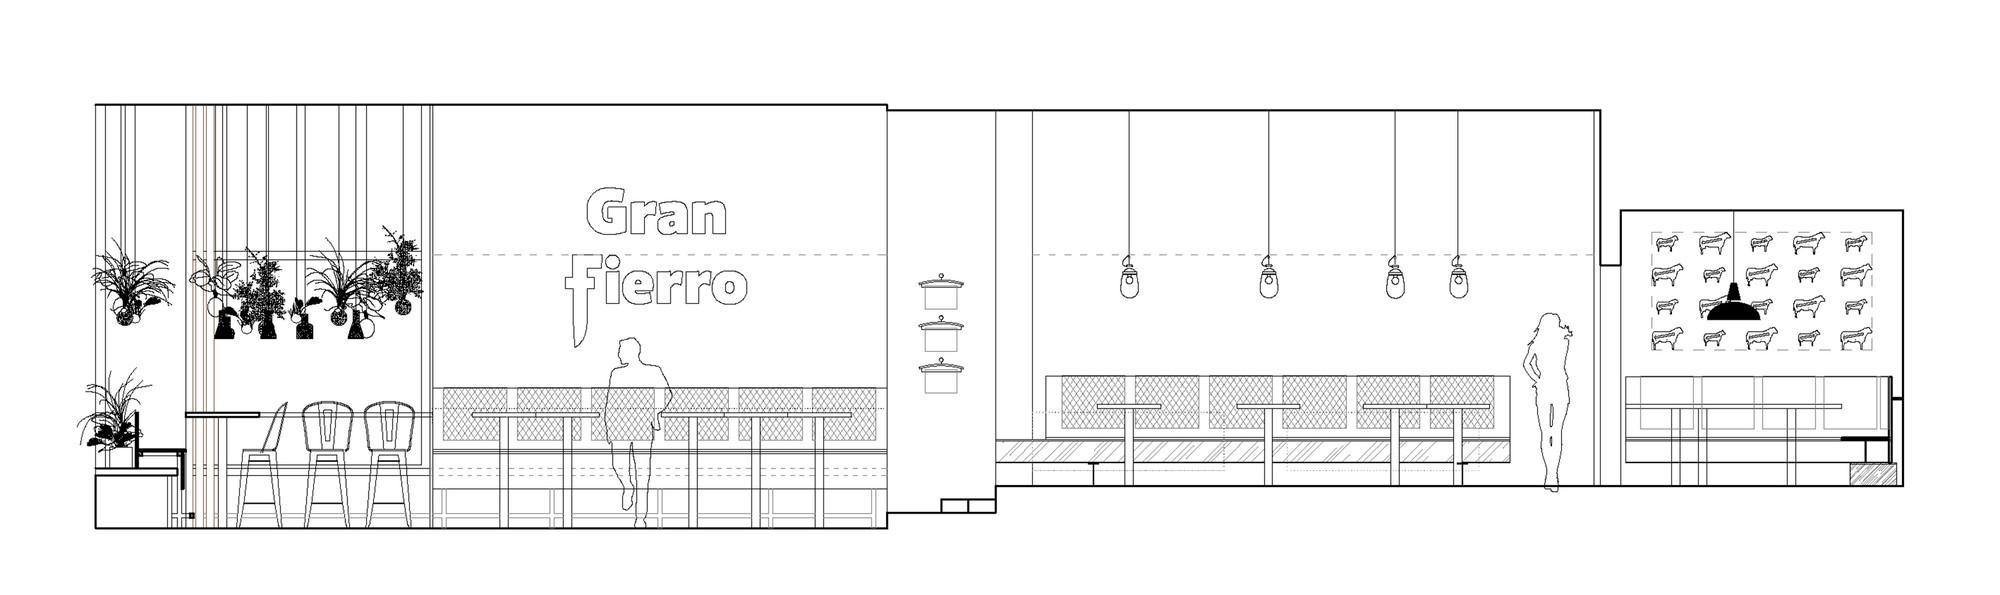 Gran fierro formafatal interior elevation 1